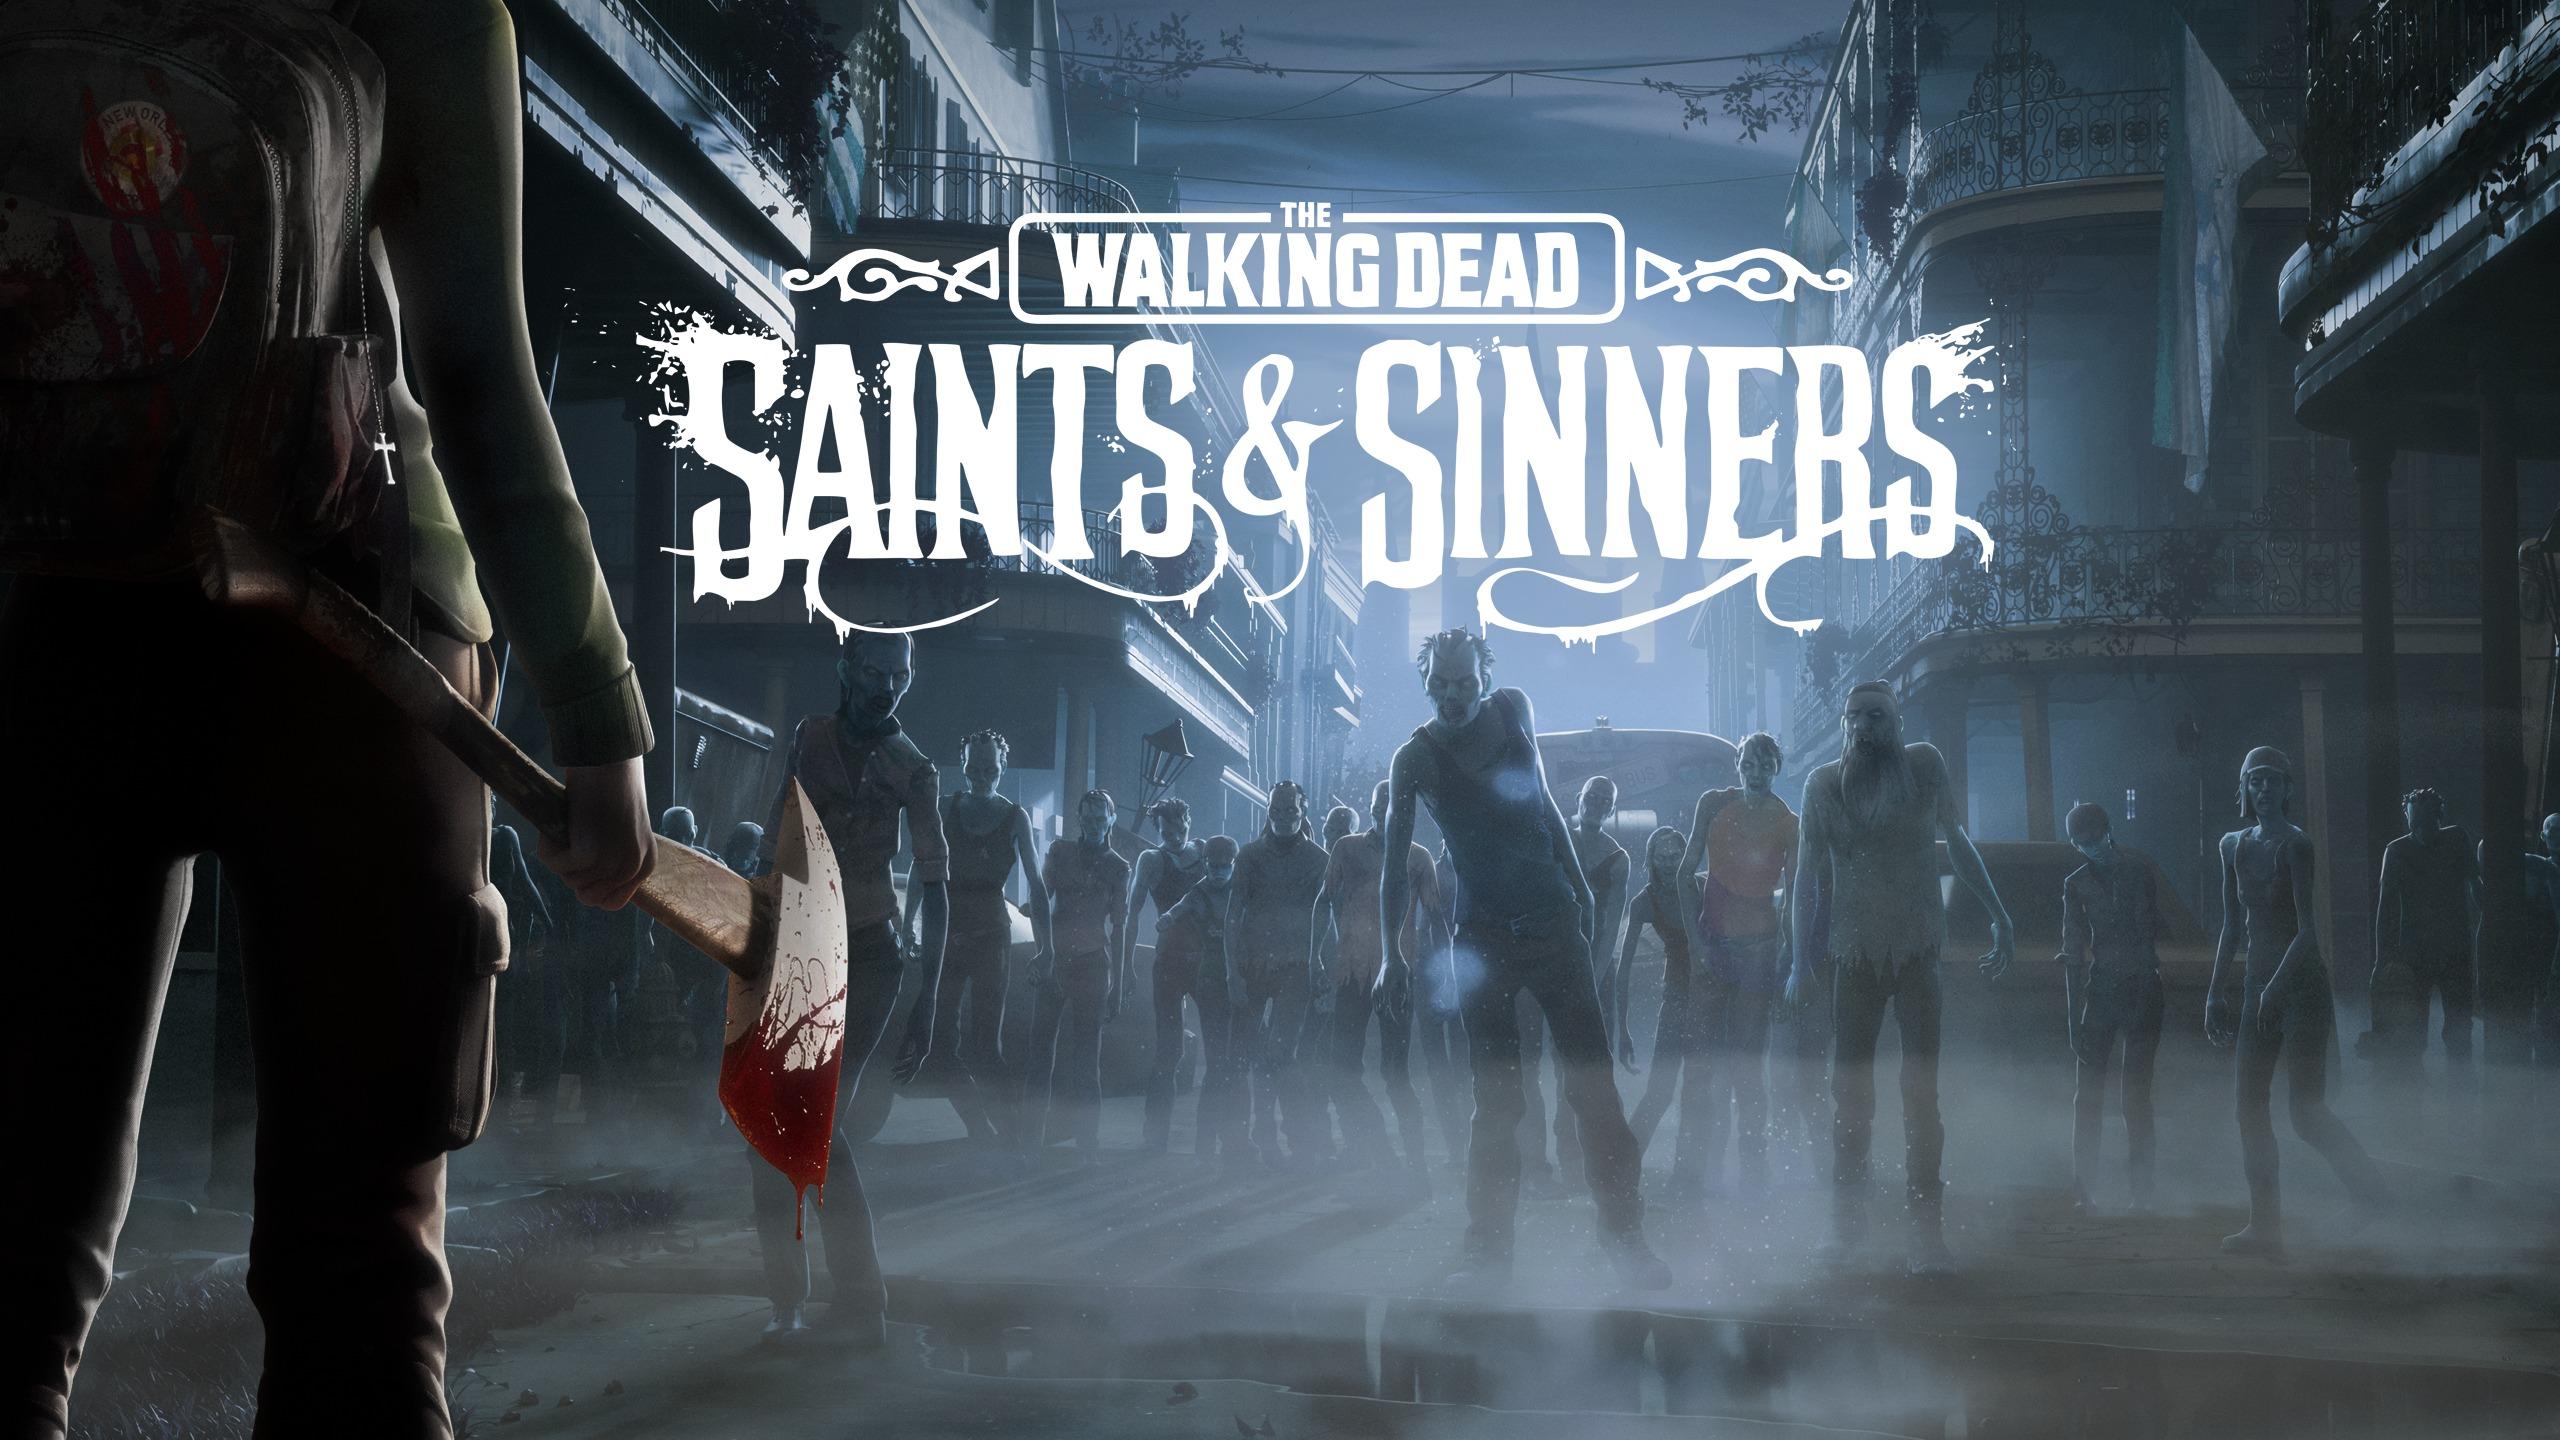 <p>The Walking Dead: Saints & Sinners – игра которая не похожа ни на одну другую во вселенной The Walking Dead. Потрясающе мрачная атмосфера зомби апокалипсиса, проработанный до мелочей игровой мир с интересными персонажами и заданиями.</p>